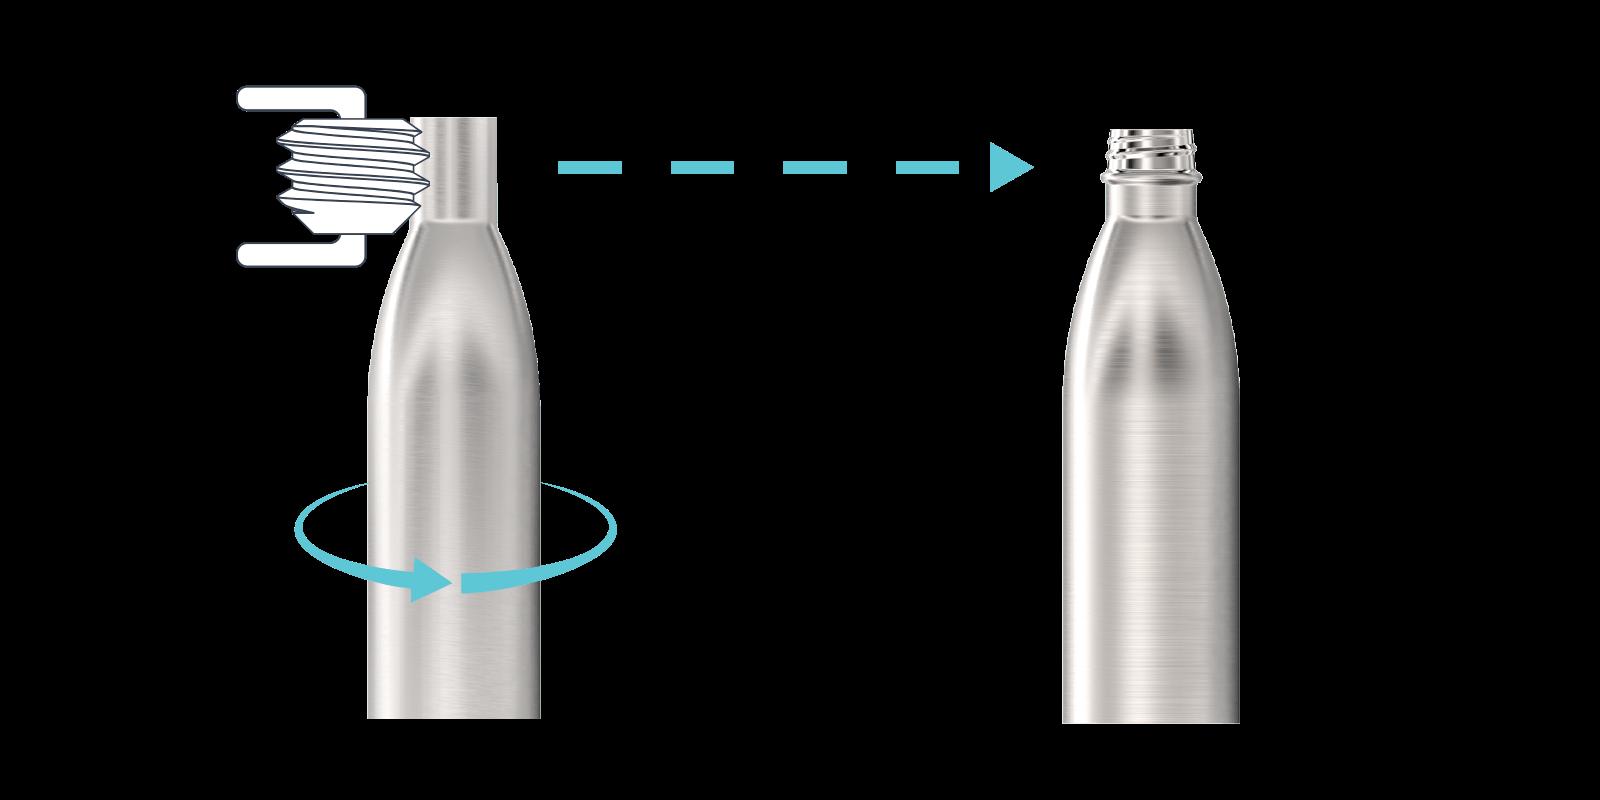 Wie wir unsere Metall-Flaschen herstellen - Step3